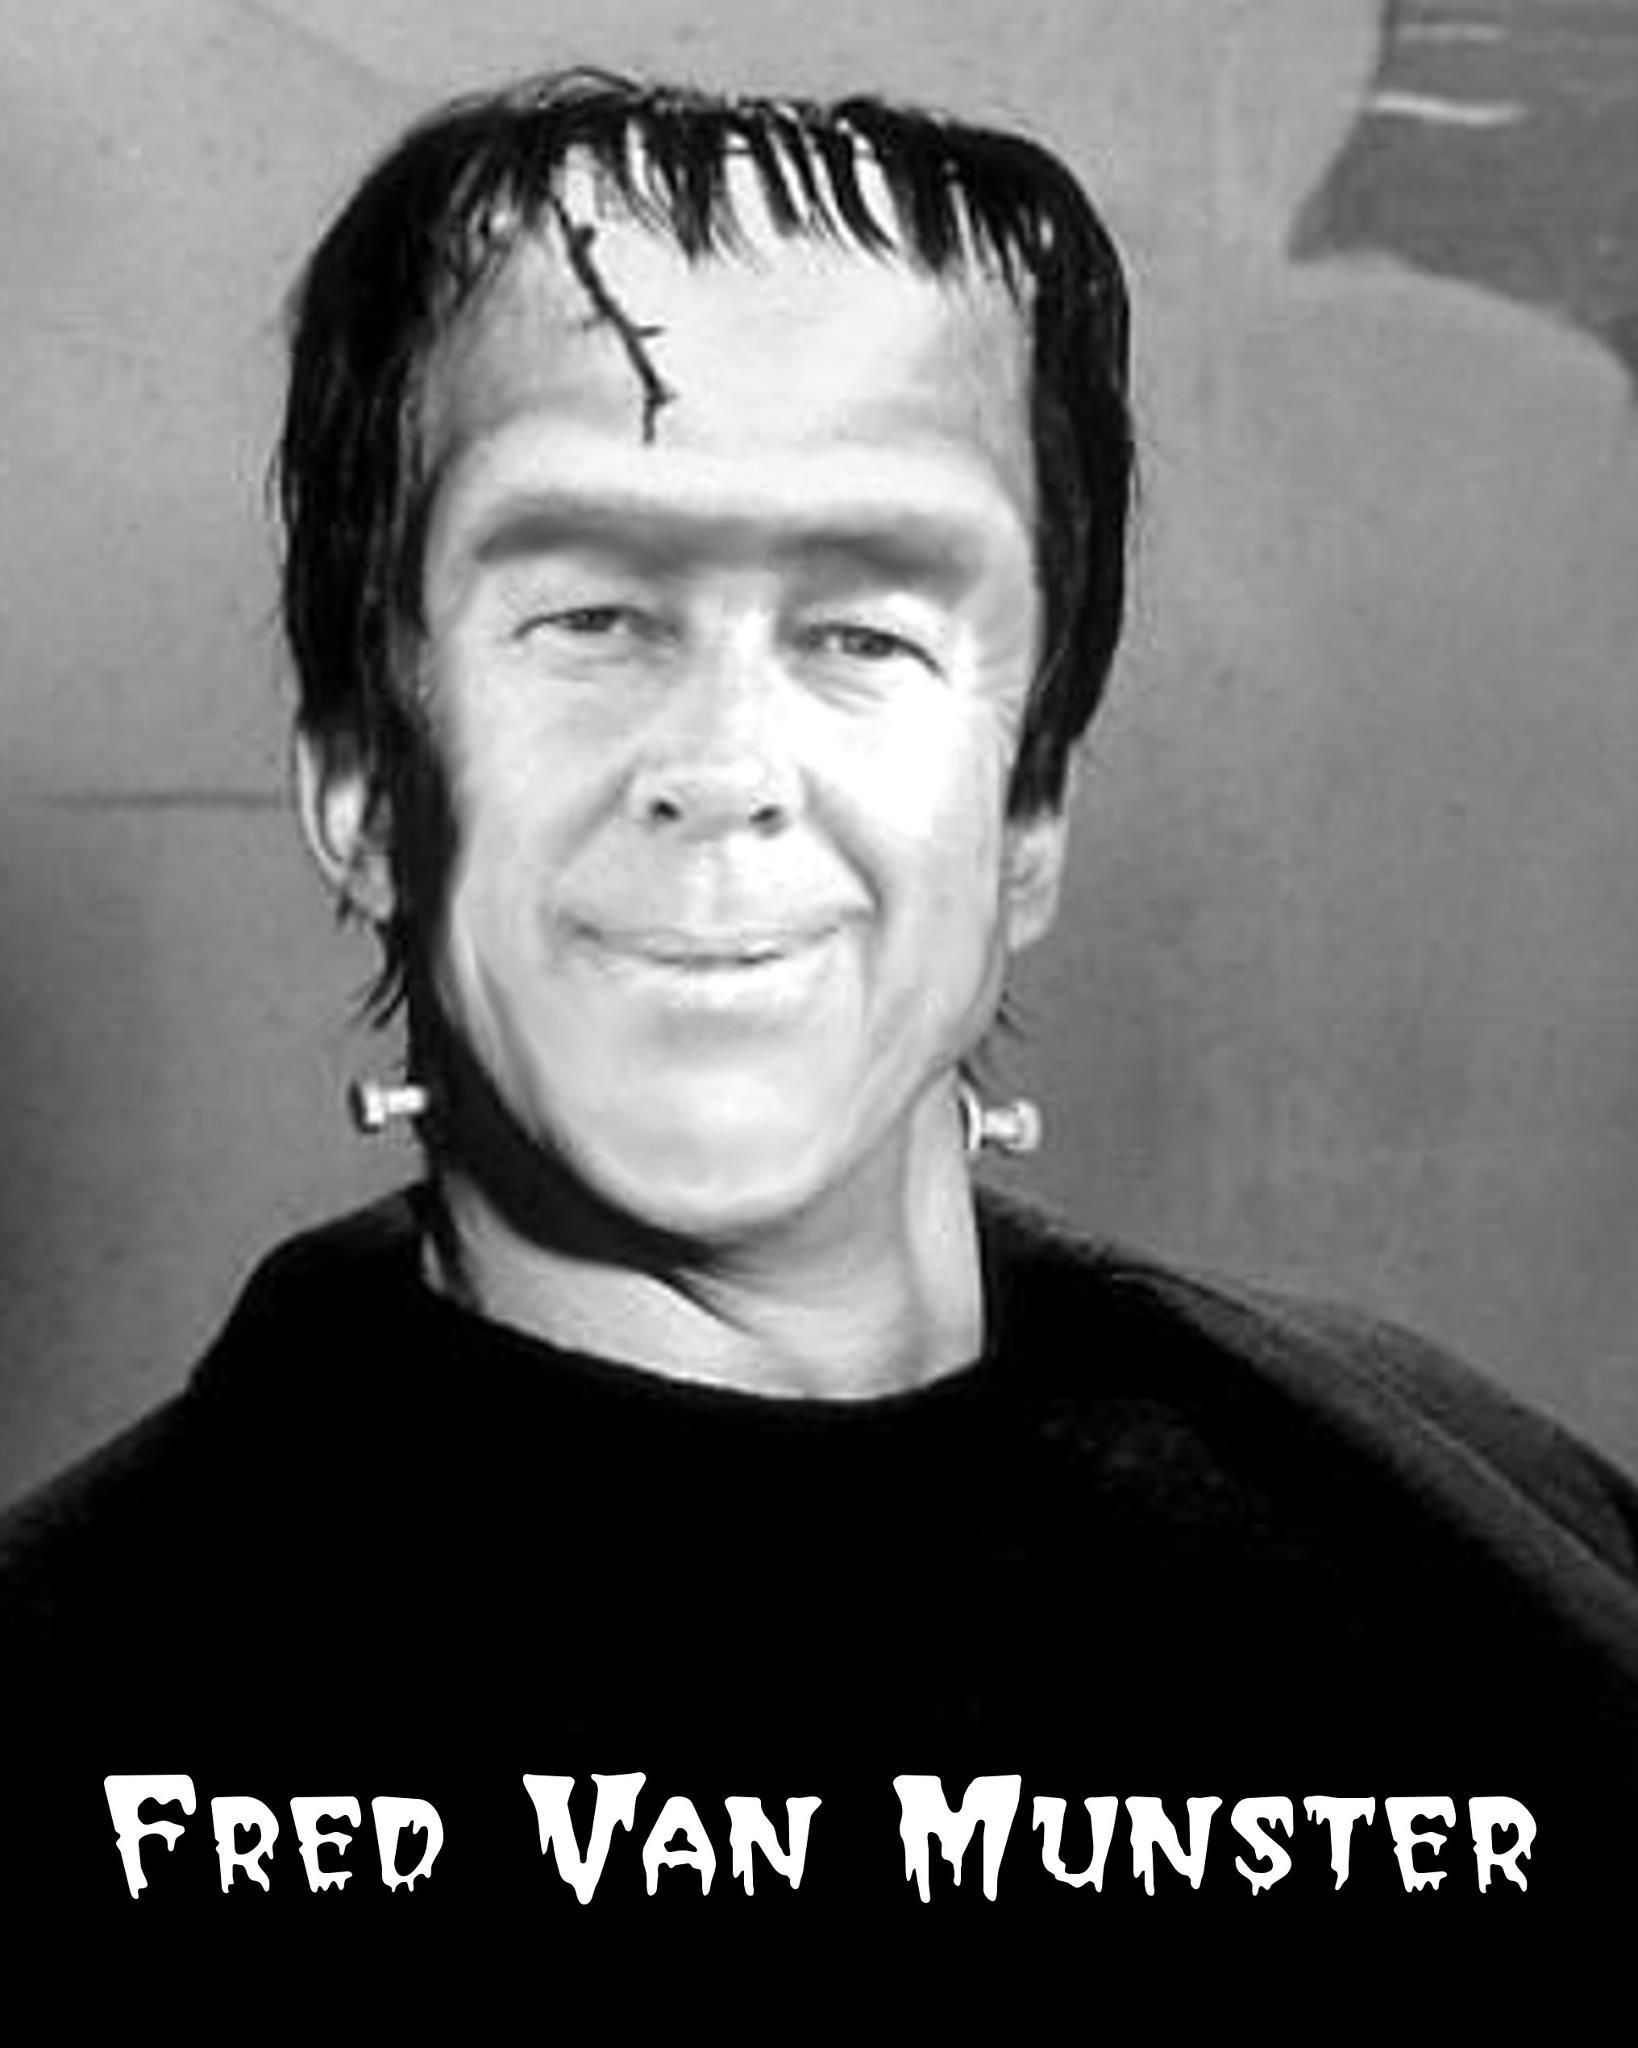 Fred Van Munster